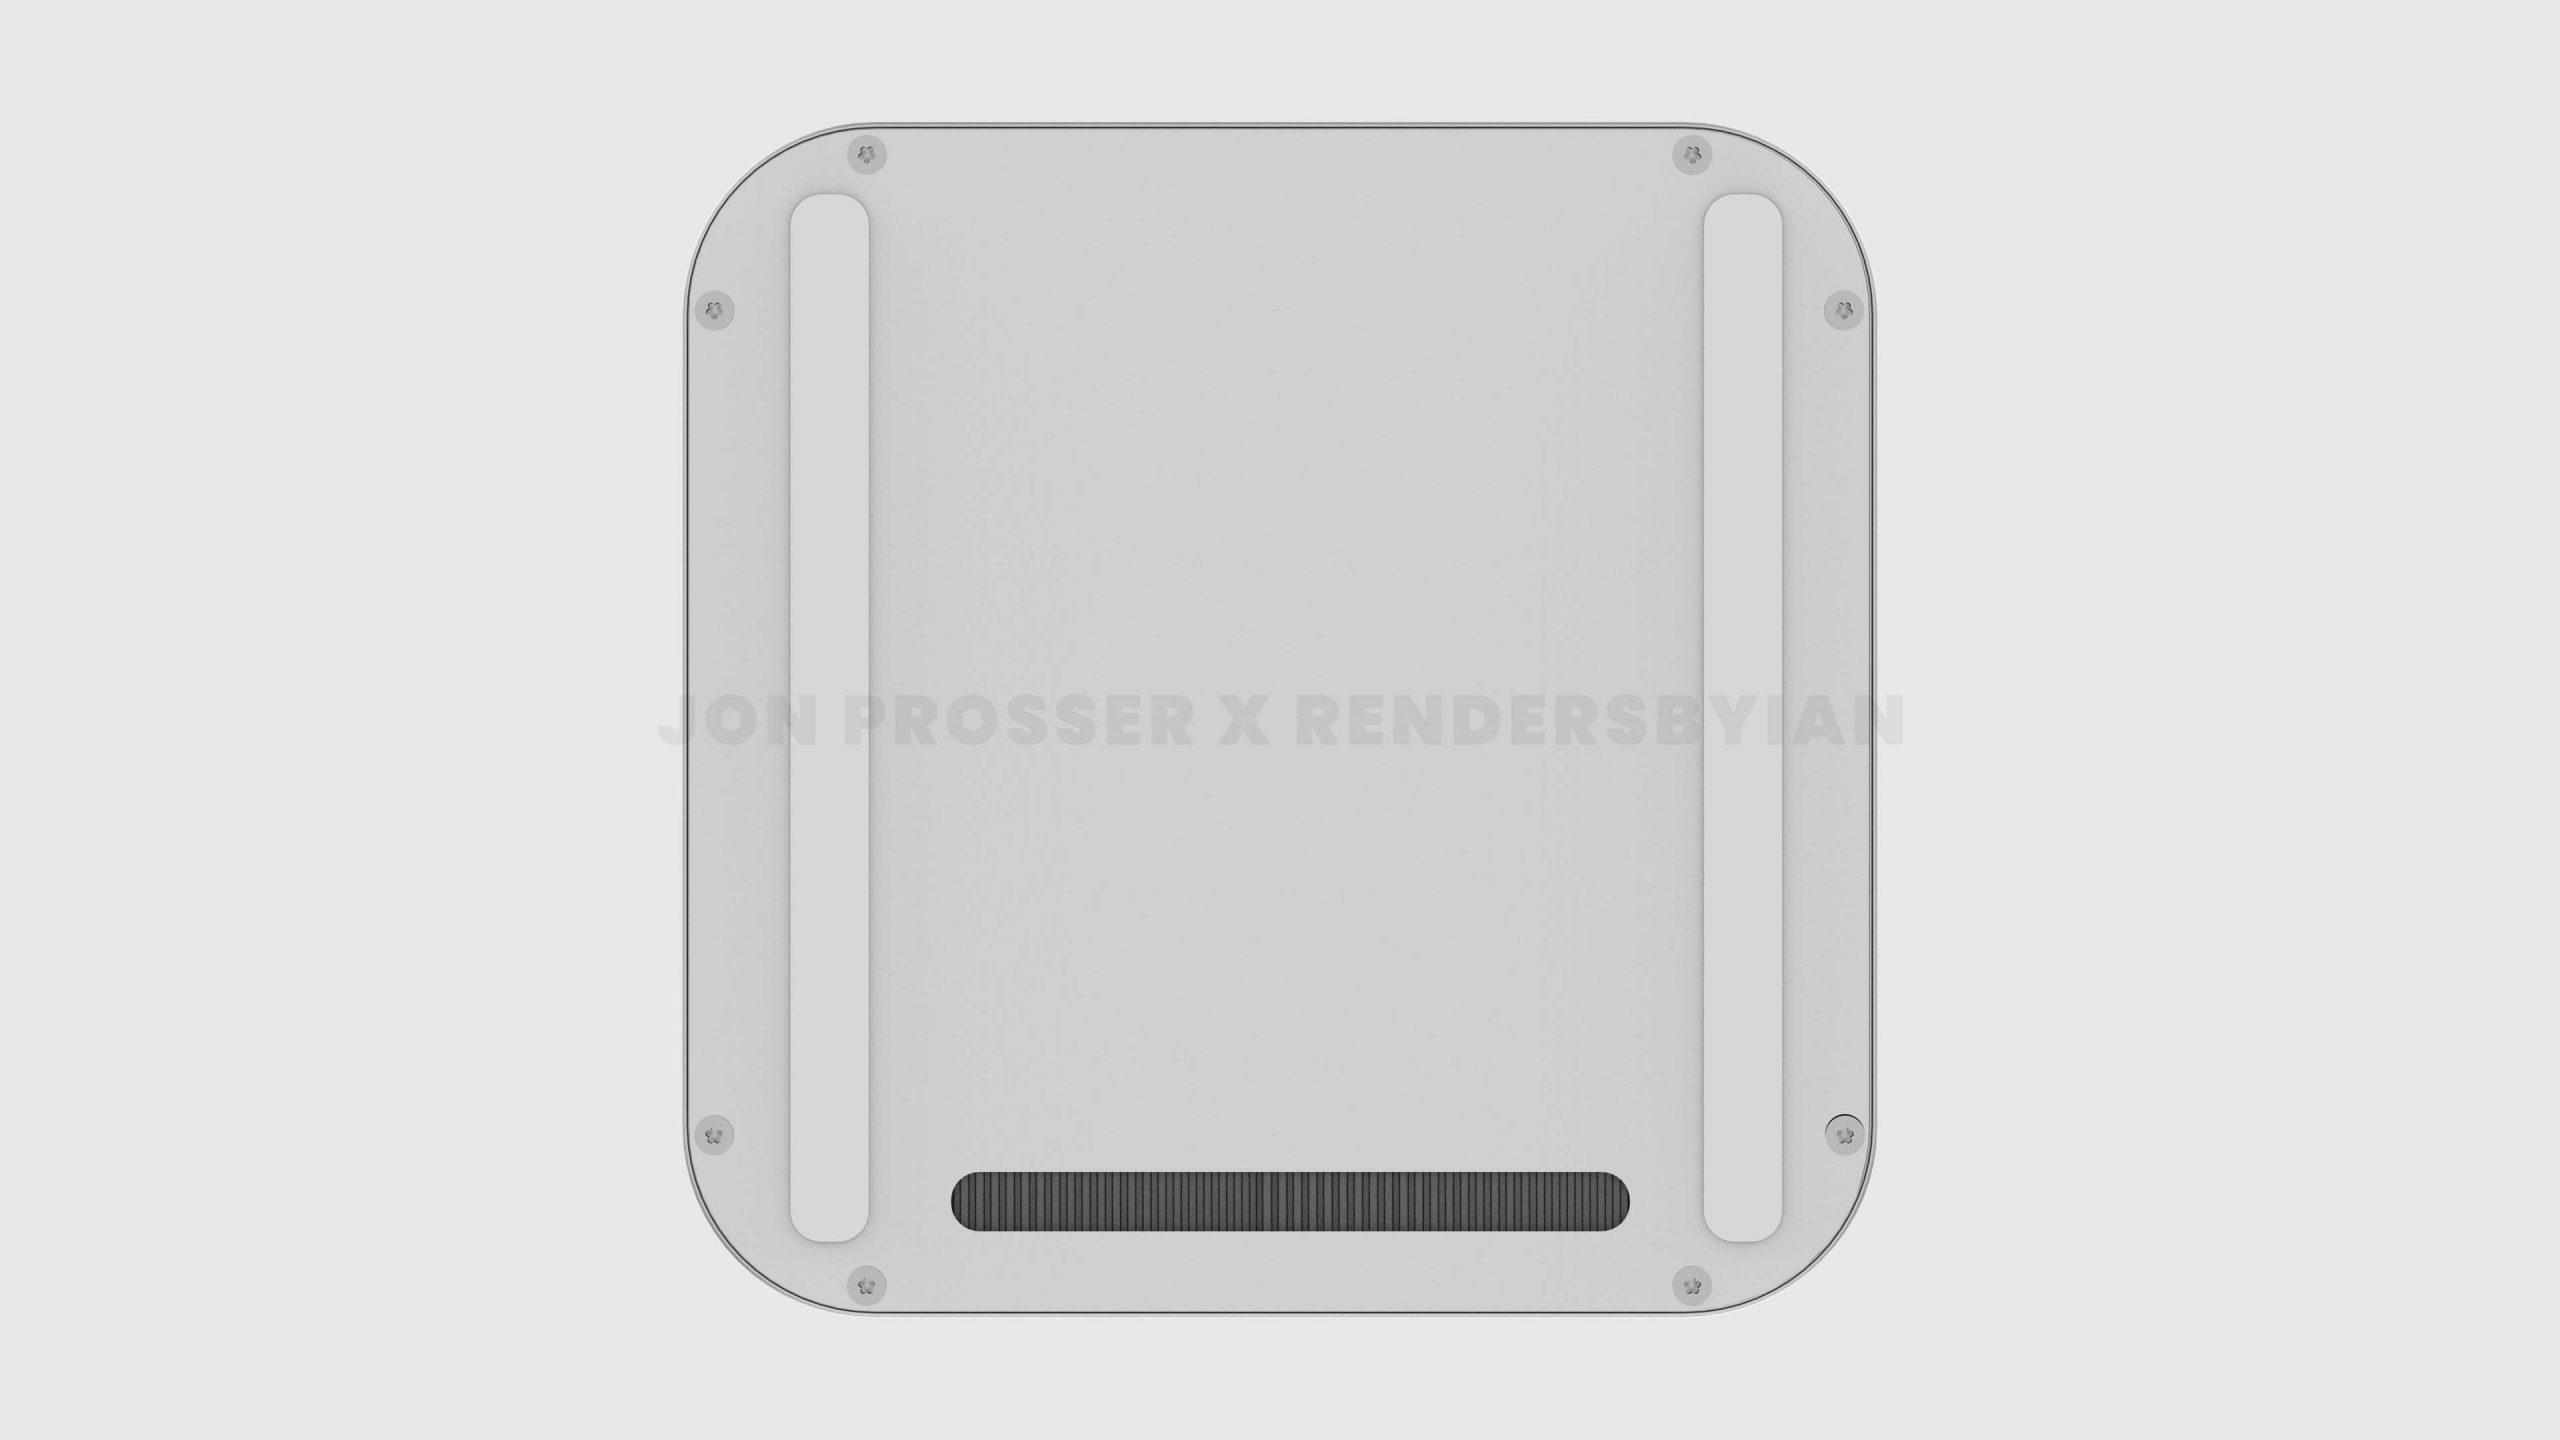 Concepto de diseño de Mac mini 2021 Apple Silicon